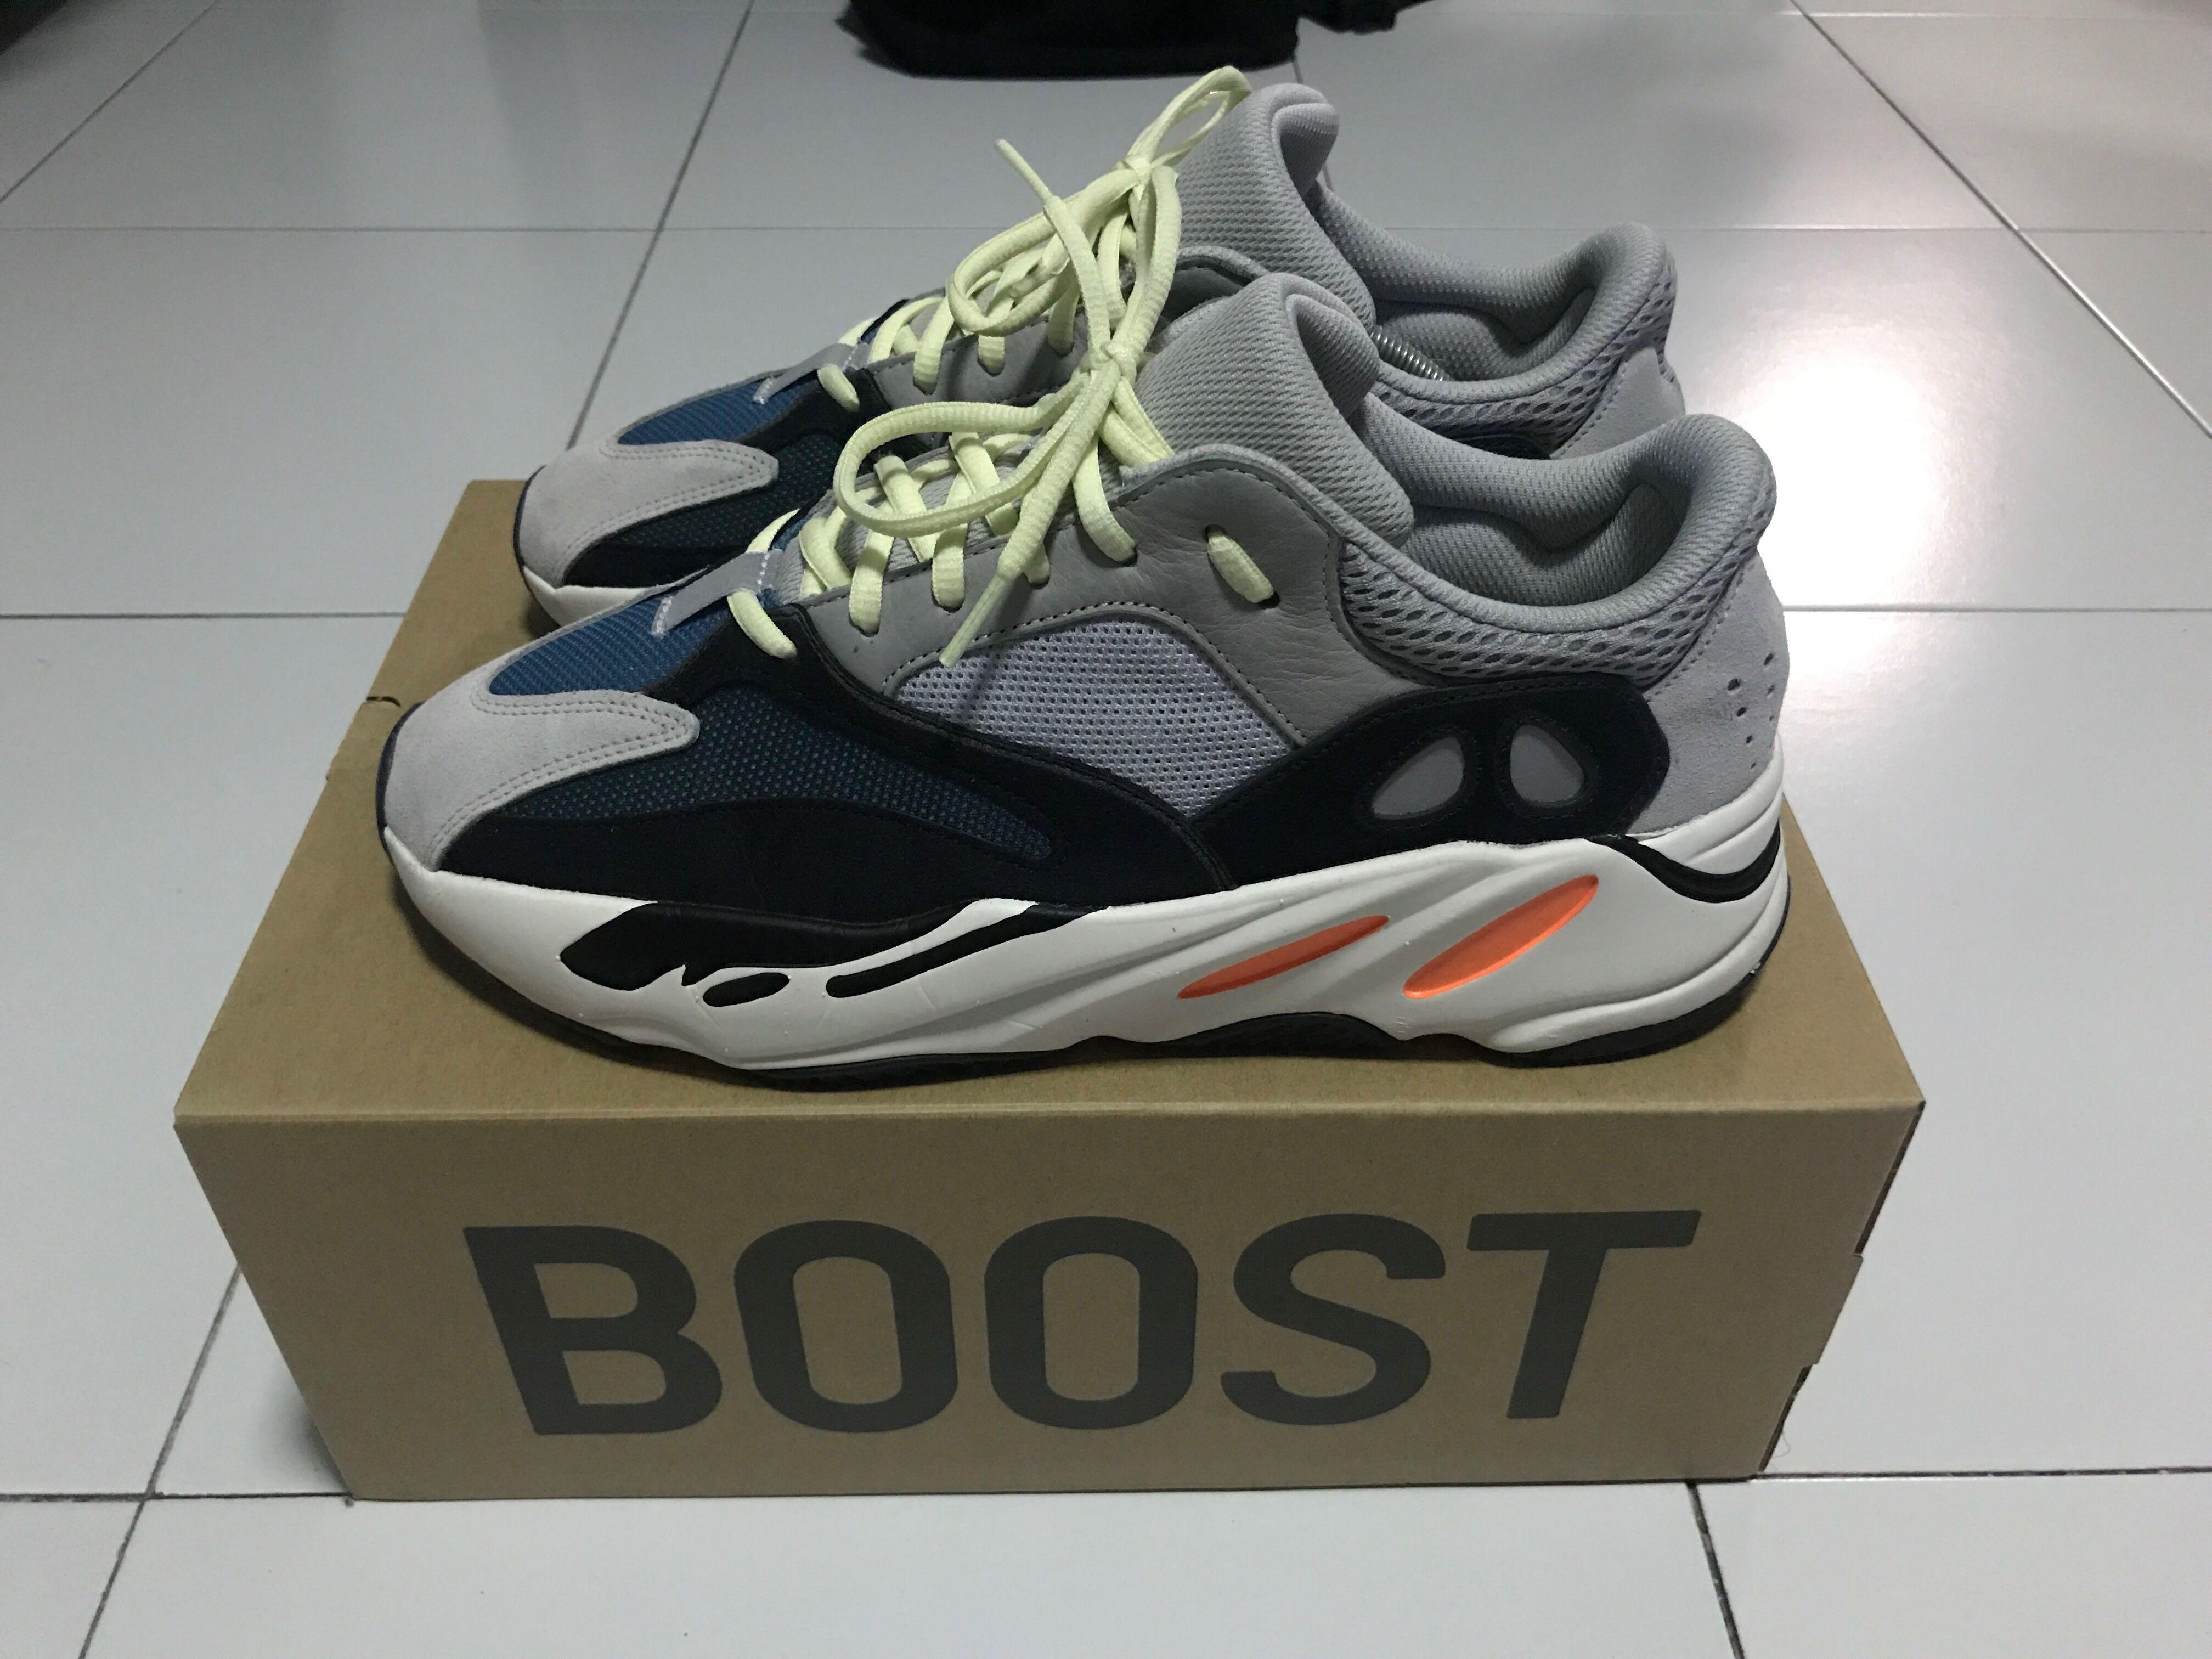 c9937a8823508 Adidas Yeezy Boost 700